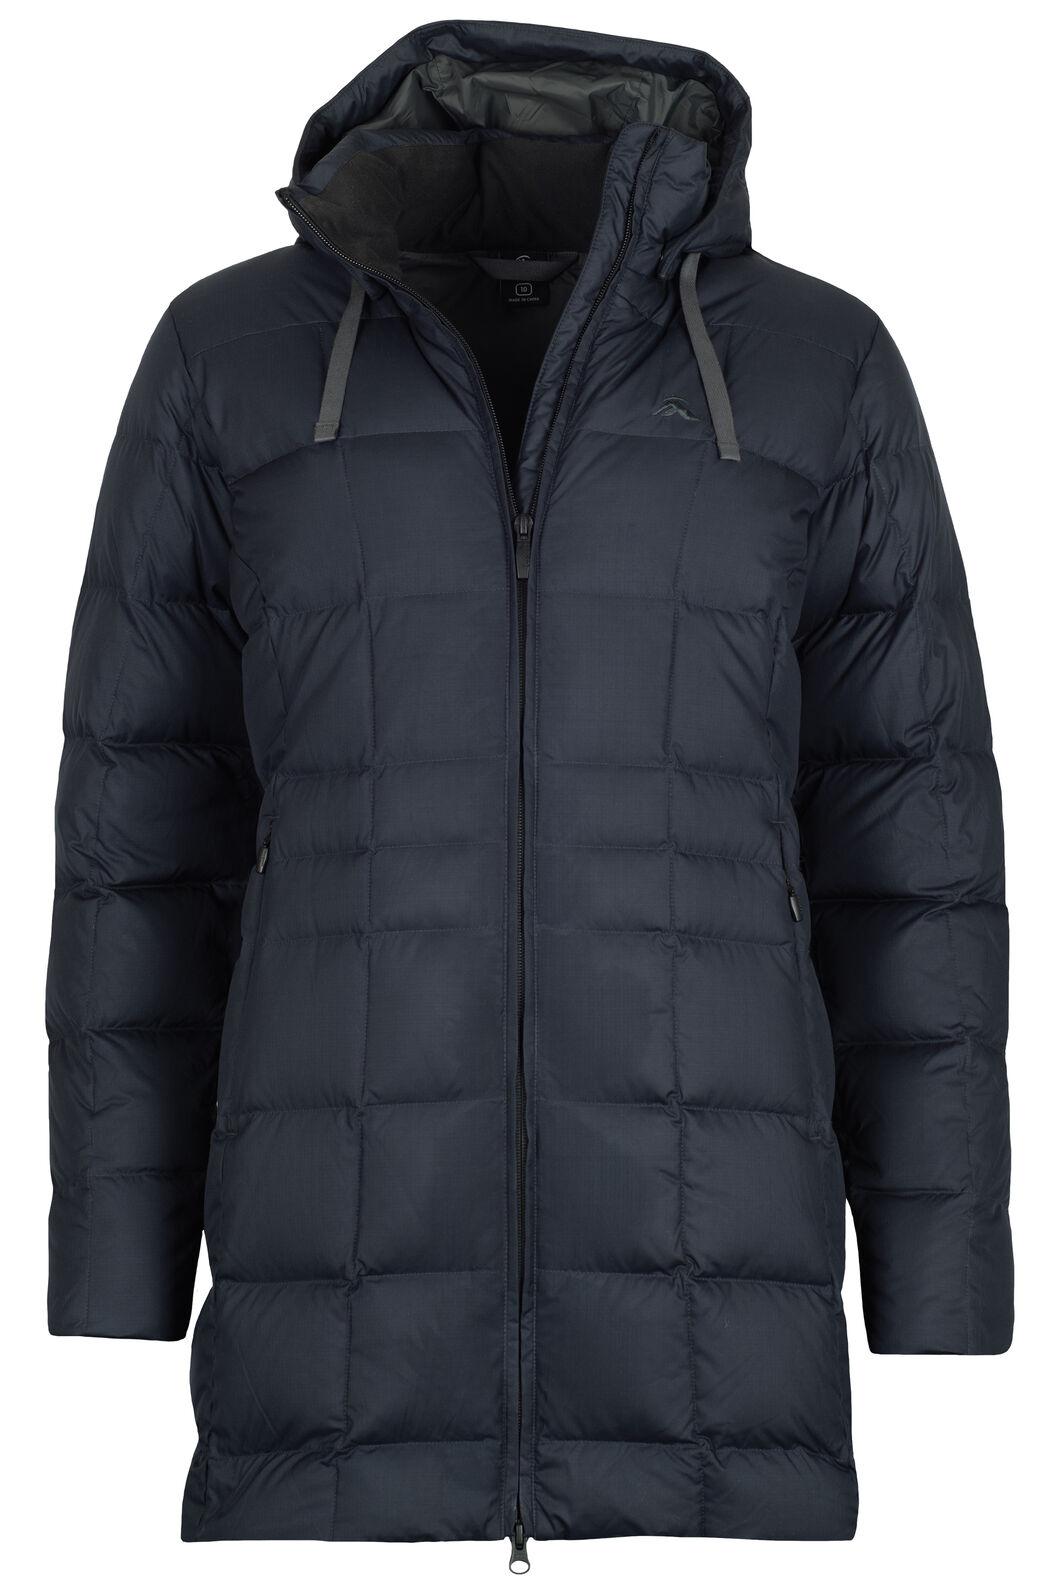 Aurora Down Coat V3 - Women's, Carbon, hi-res